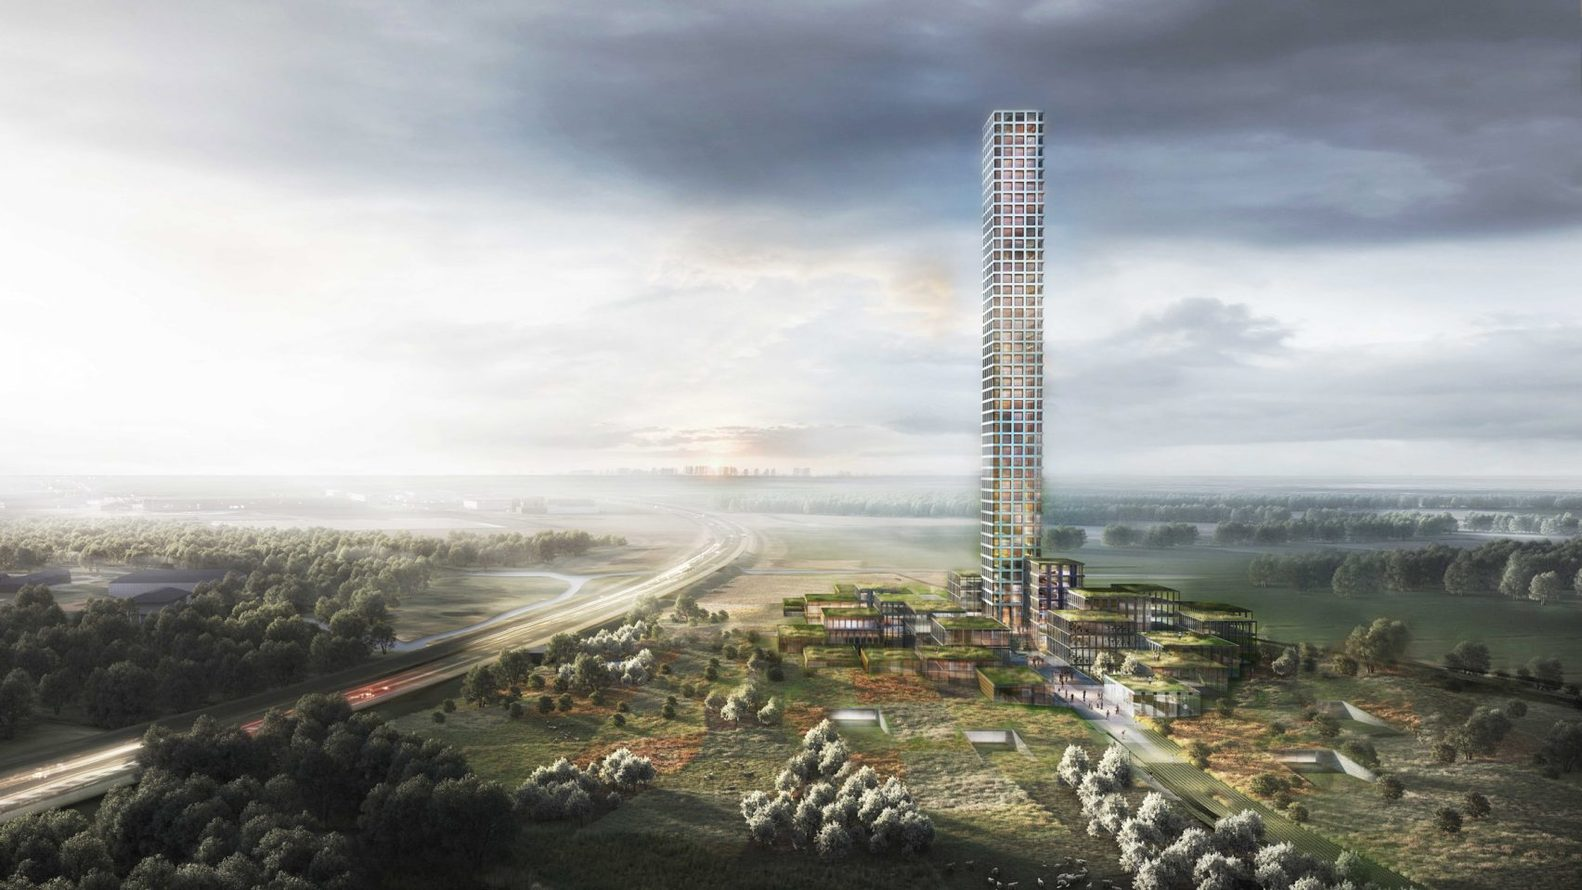 بلندترین برج غرب اروپا در یک روستا ساخته می شود